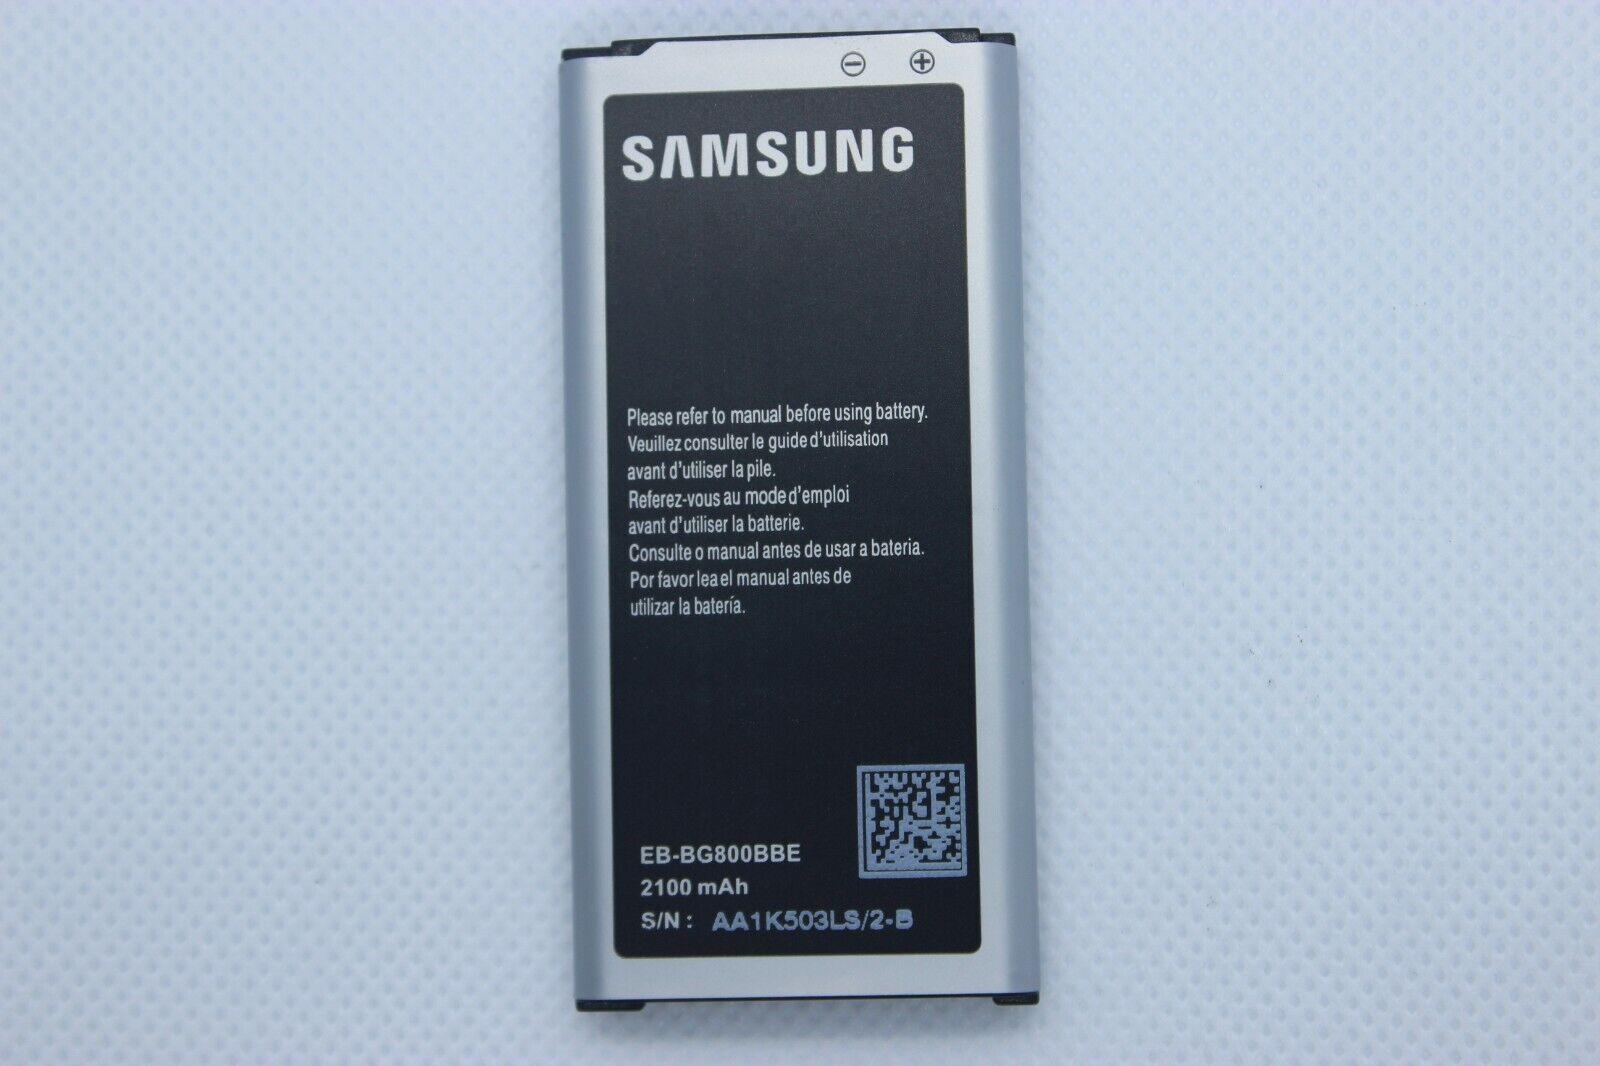 Samsung S5 Mini 2100mAh Li-Ion Akku für Samsung Galaxy S5 Mini (EB-BG800BBE)